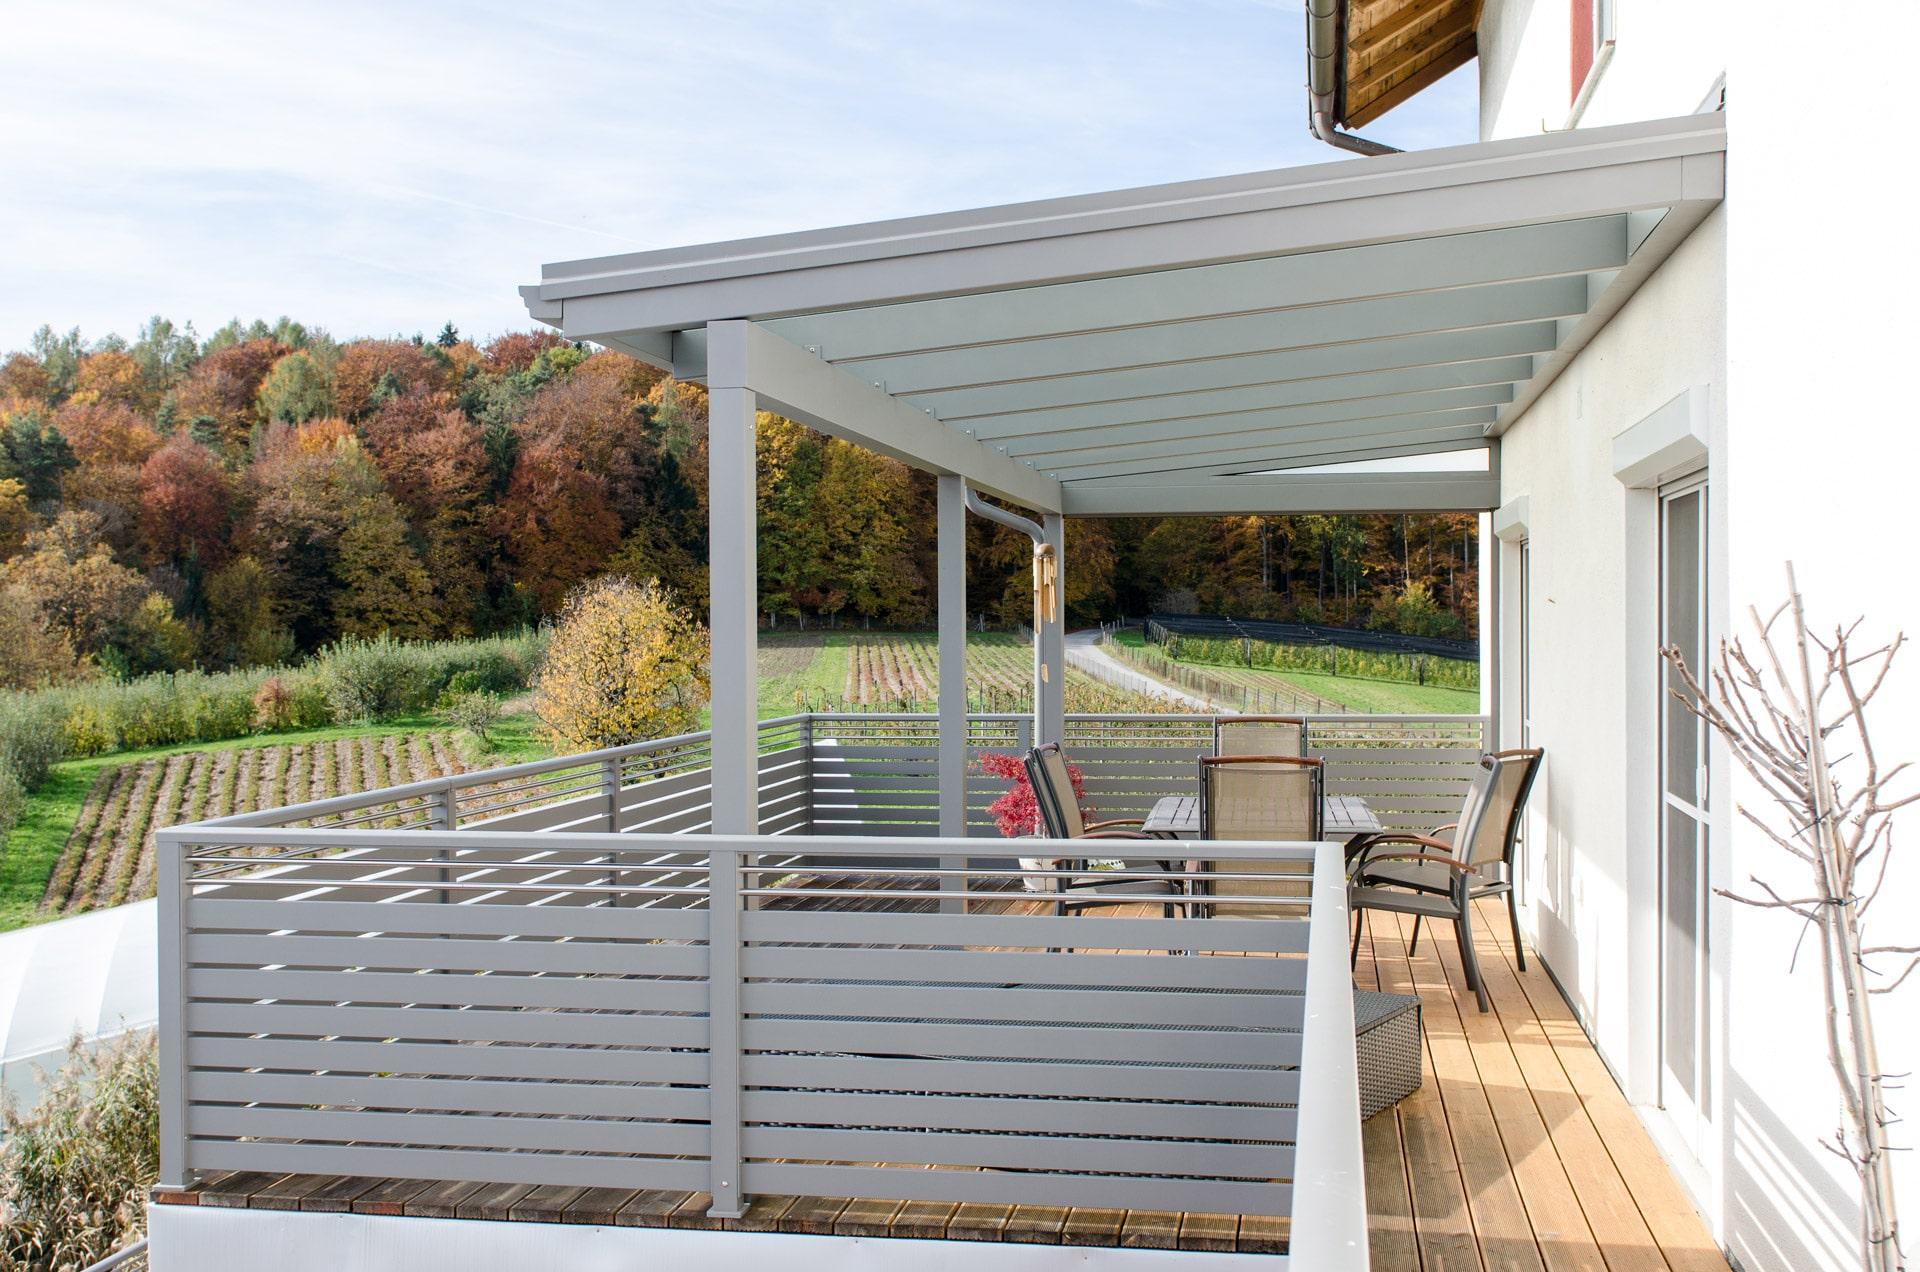 Terrassendach Alu 77 a | an Hausmauer montiert mit Stehern, hellgrau, Seitenansicht | Svoboda